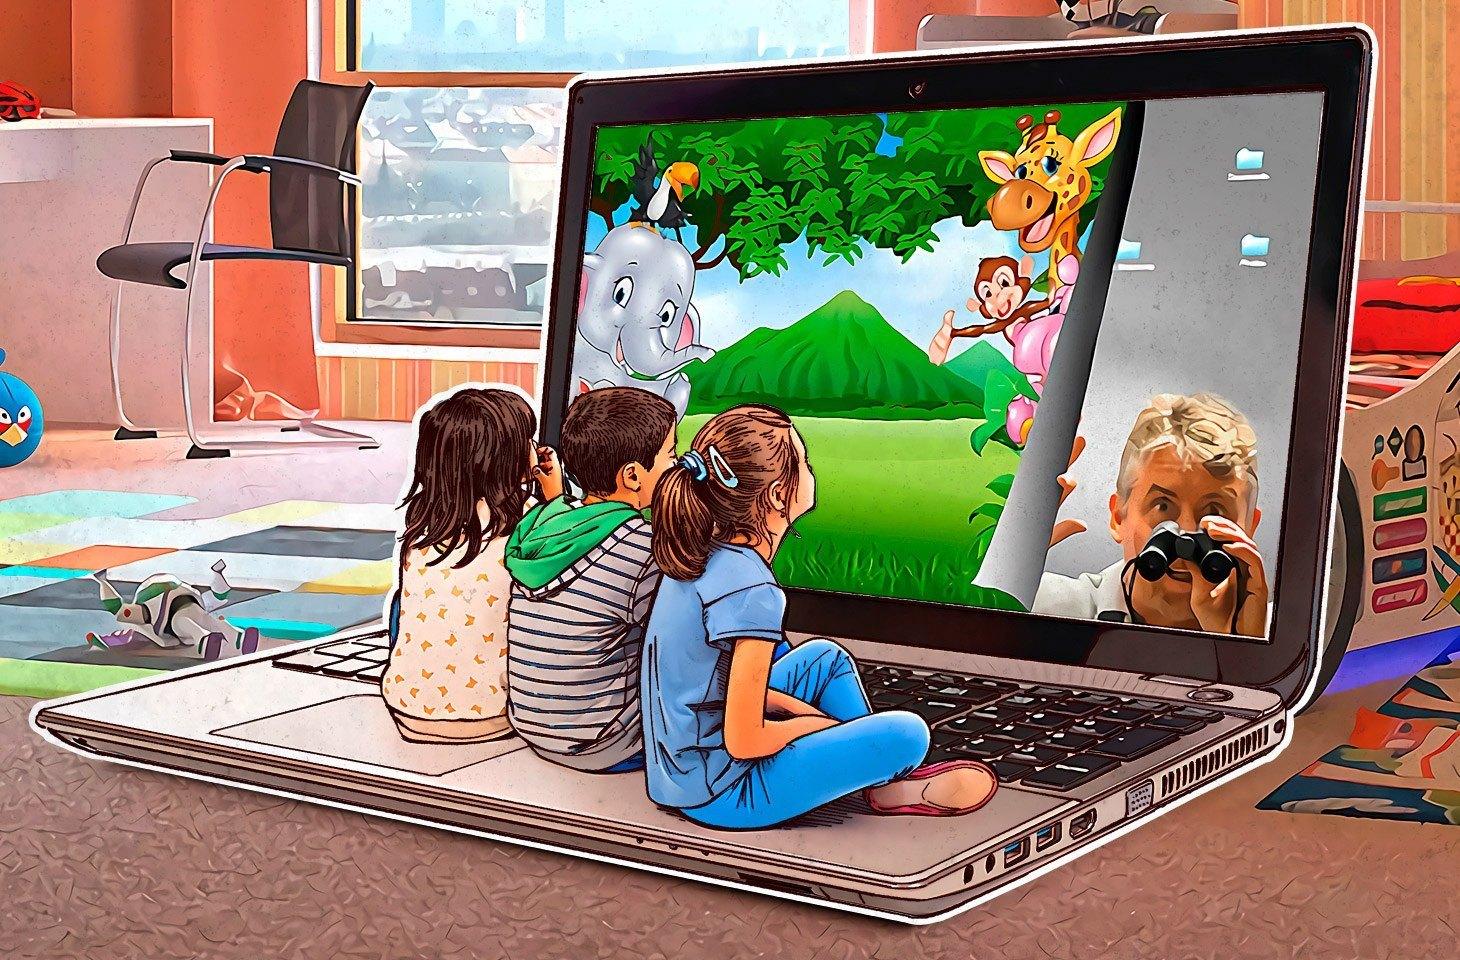 kaspersky les jouets pour enfants font face a de serieux problemes de confidentialite - Kaspersky: Les jouets pour enfants font face à de sérieux problèmes de confidentialité